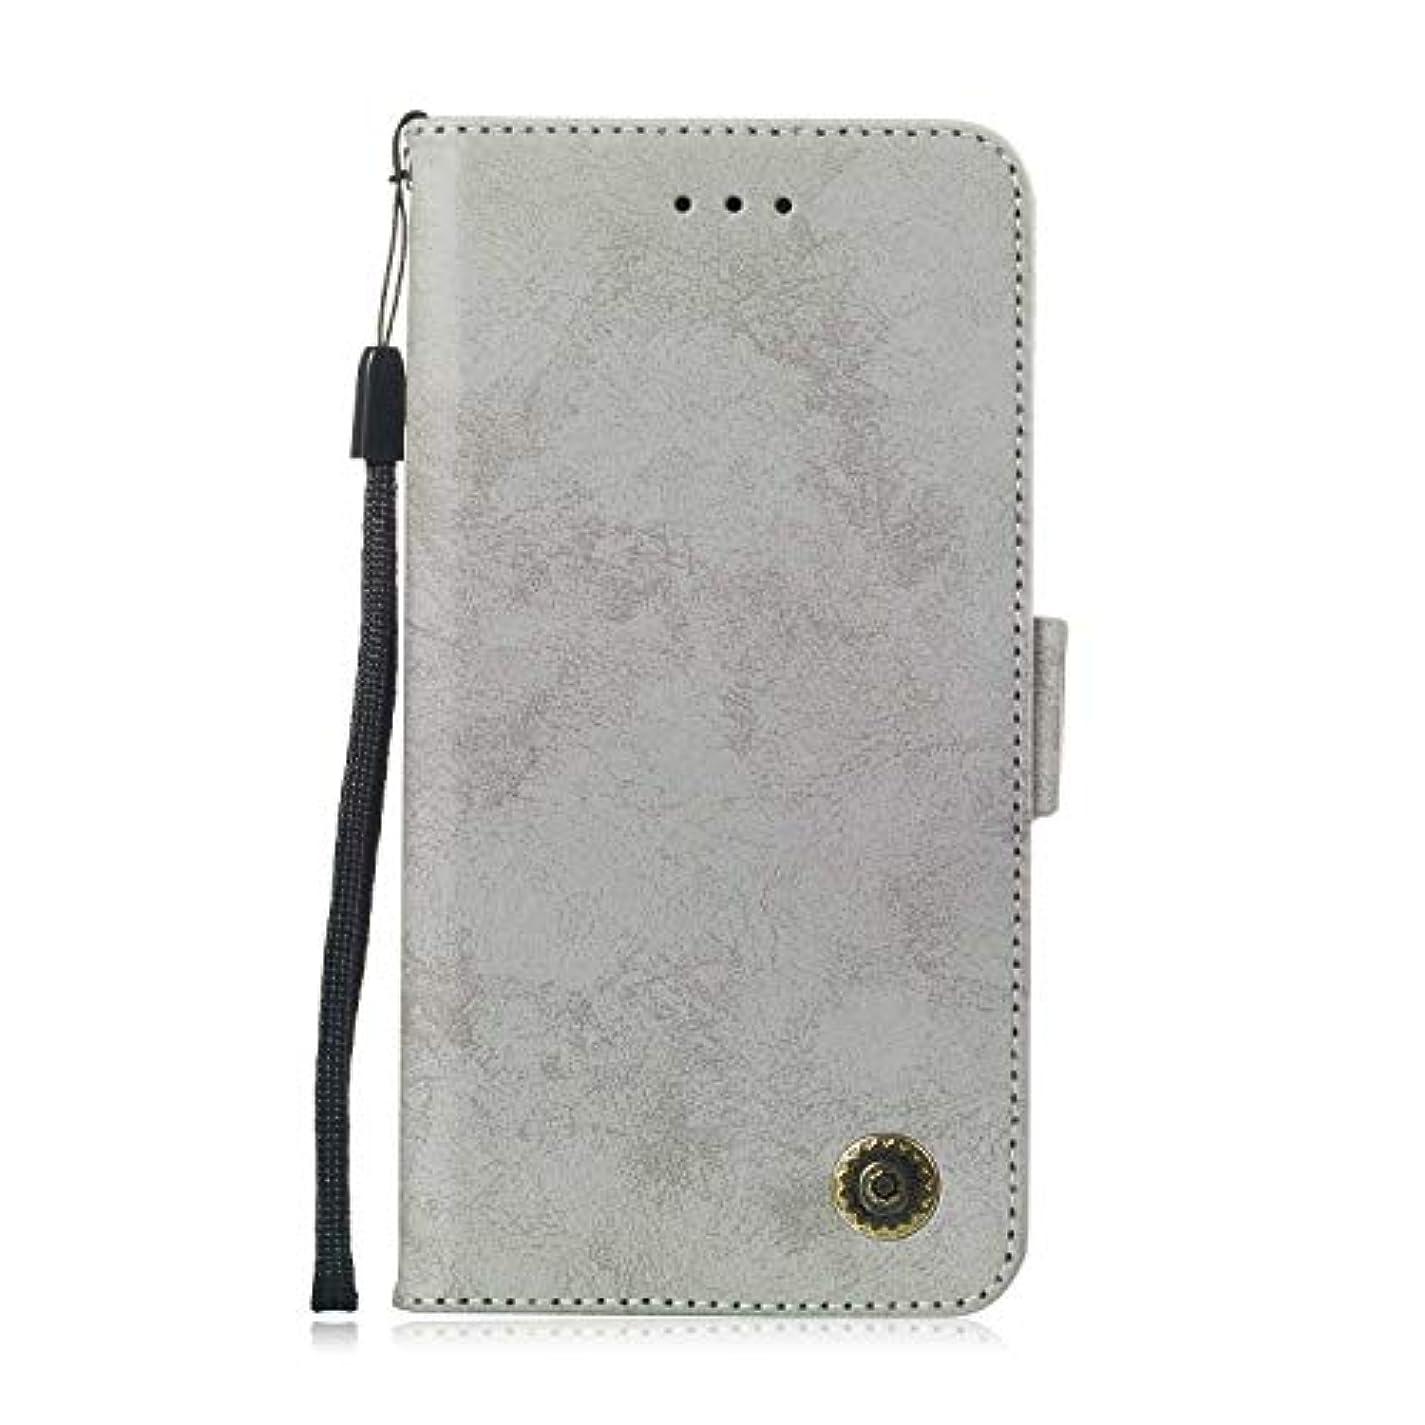 数学者居住者逃れるZeebox® Huawei Mate 20 Lite 手帳型ケース Huawei Mate 20 Lite 手帳型カバー 財布型 合皮PUレザー マグネット式 保護ケース カード収納 スタンド 機能 (グレー #5)